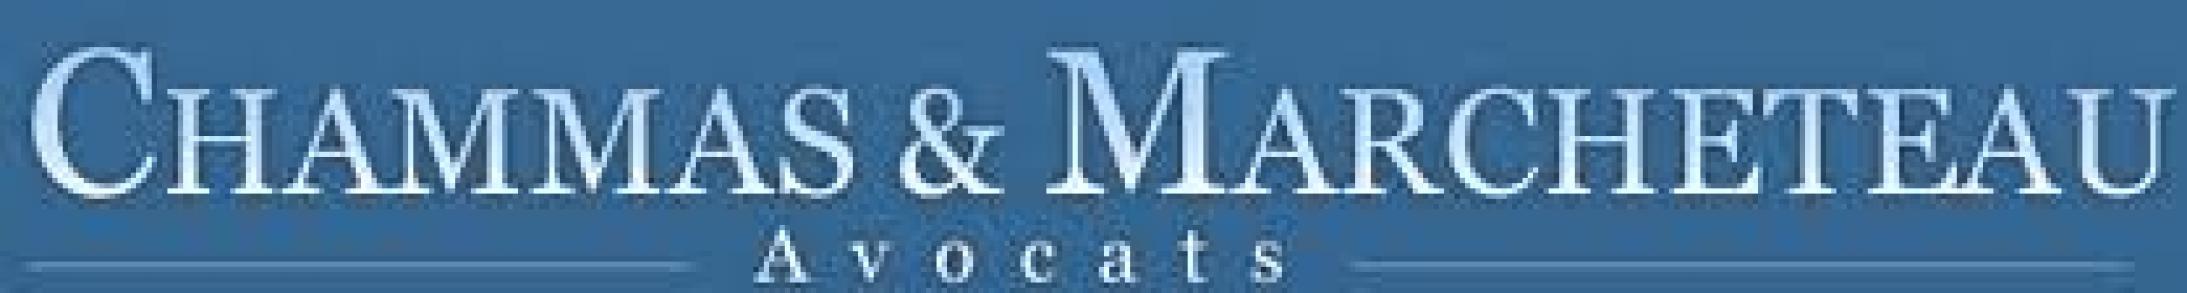 Chammas & Marcheteau renforce son pôle M&A avec l'arrivée de Nicolas Lecocq comme associé